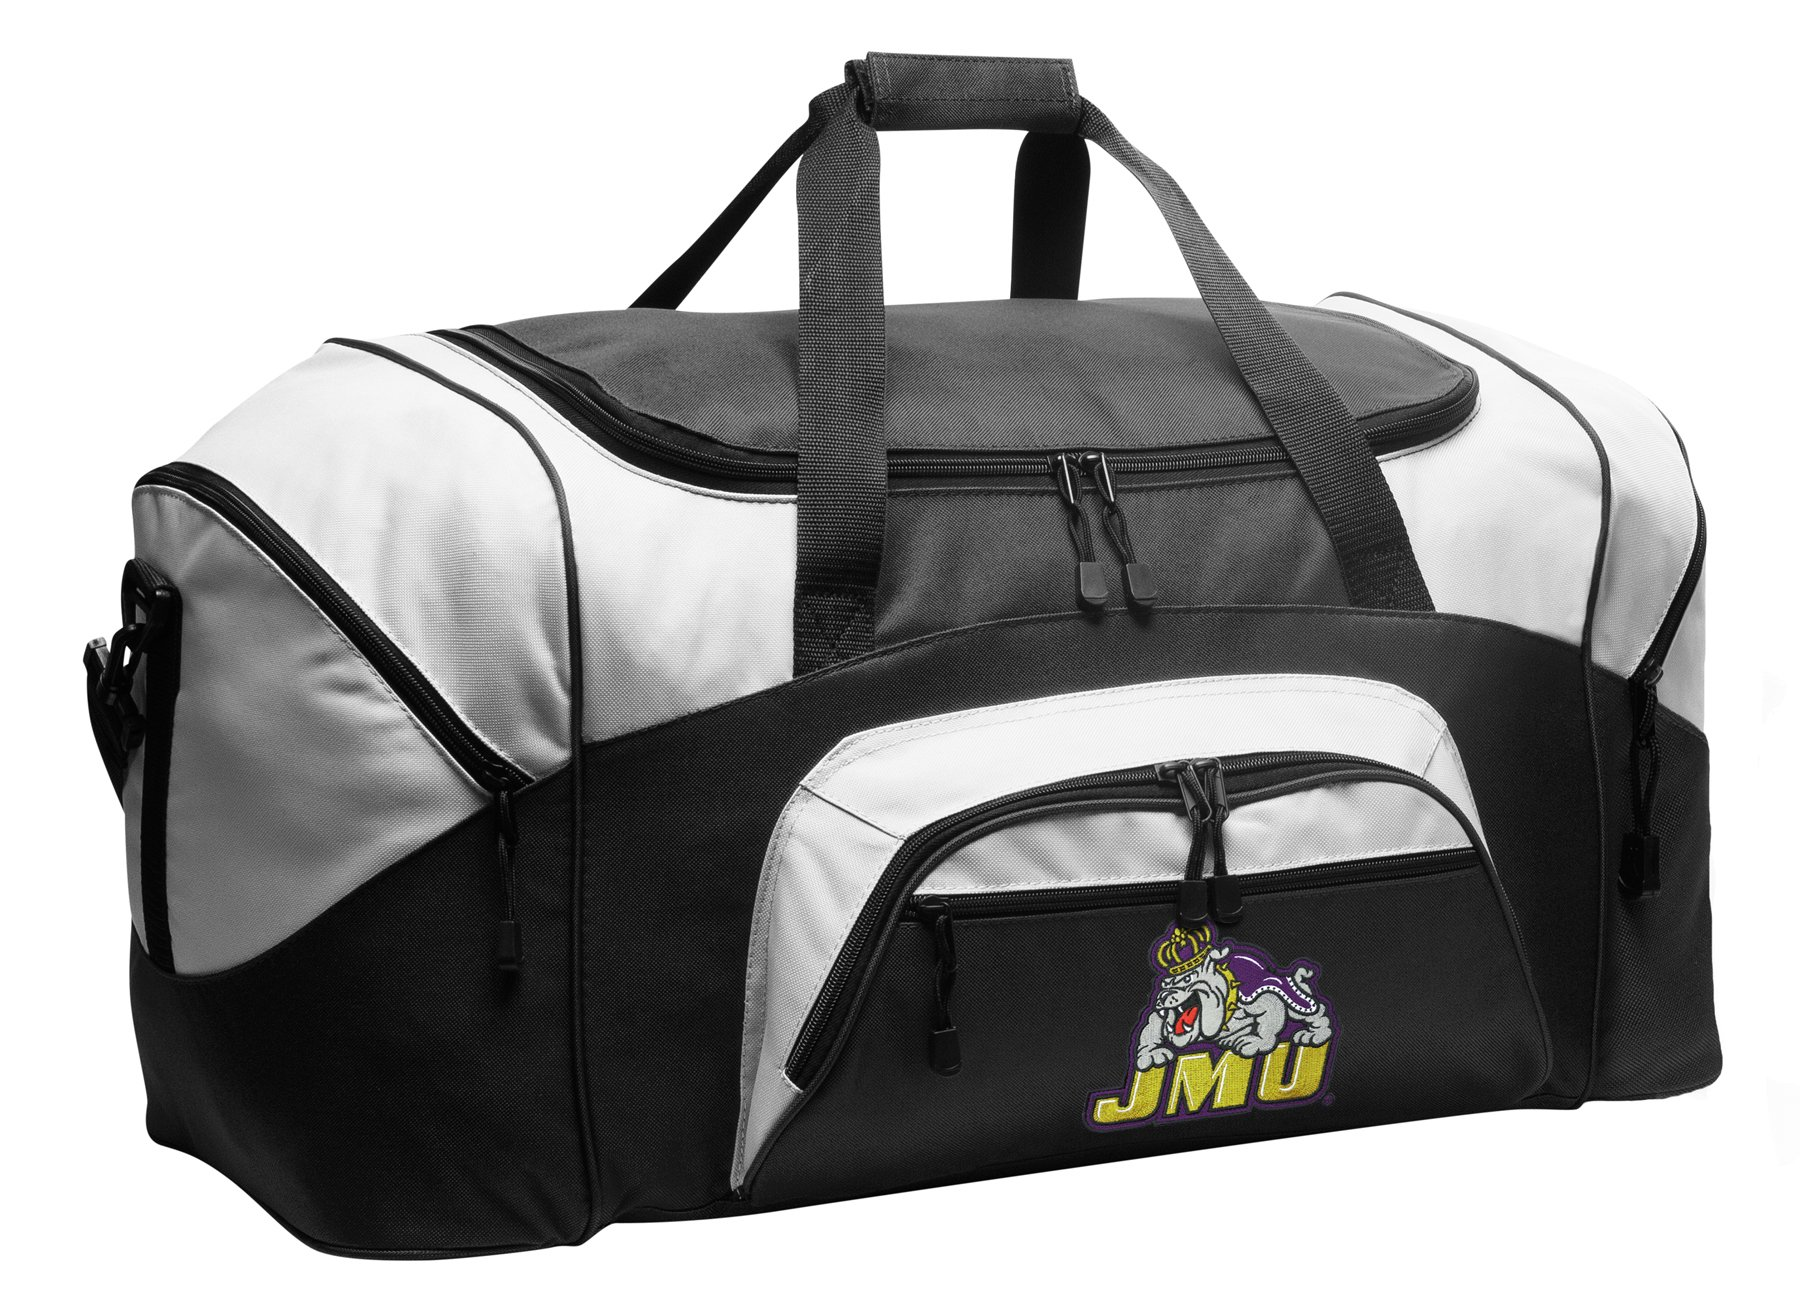 Large JMU Duffel Bag James Madison University Suitcase or Gym Bag for Men Or Her